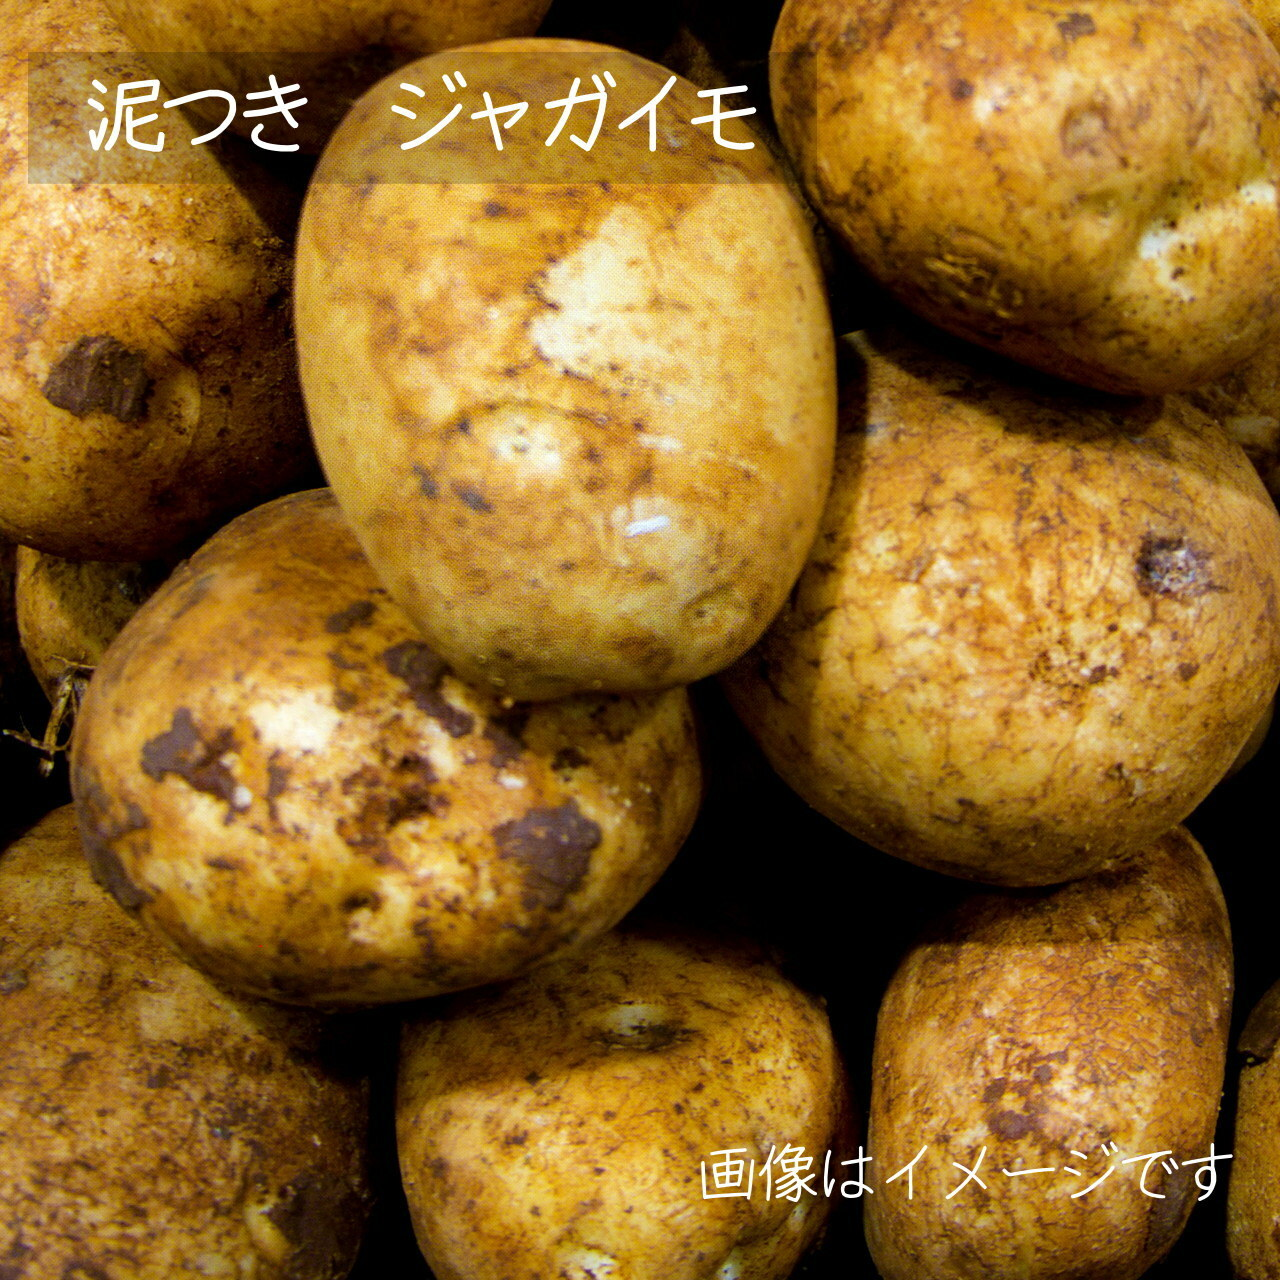 11月の朝採り直売野菜 : ジャガイモ 約600g 新鮮な冬野菜 11月21日発送予定